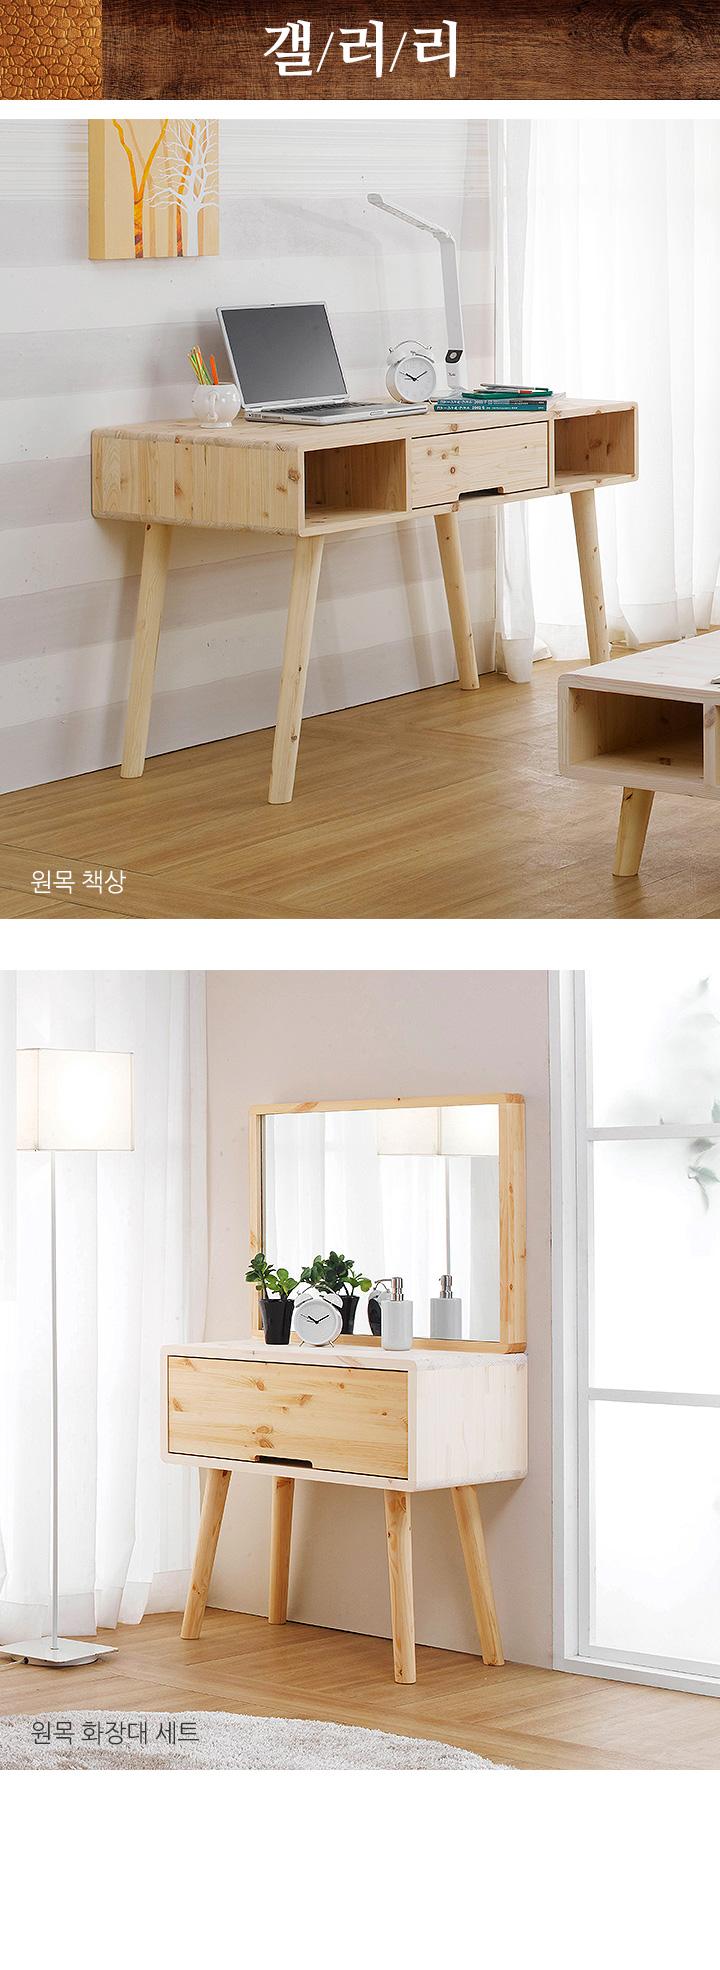 판테 원목 거실 테이블 - 인우드, 389,920원, 거실 테이블, 소파테이블